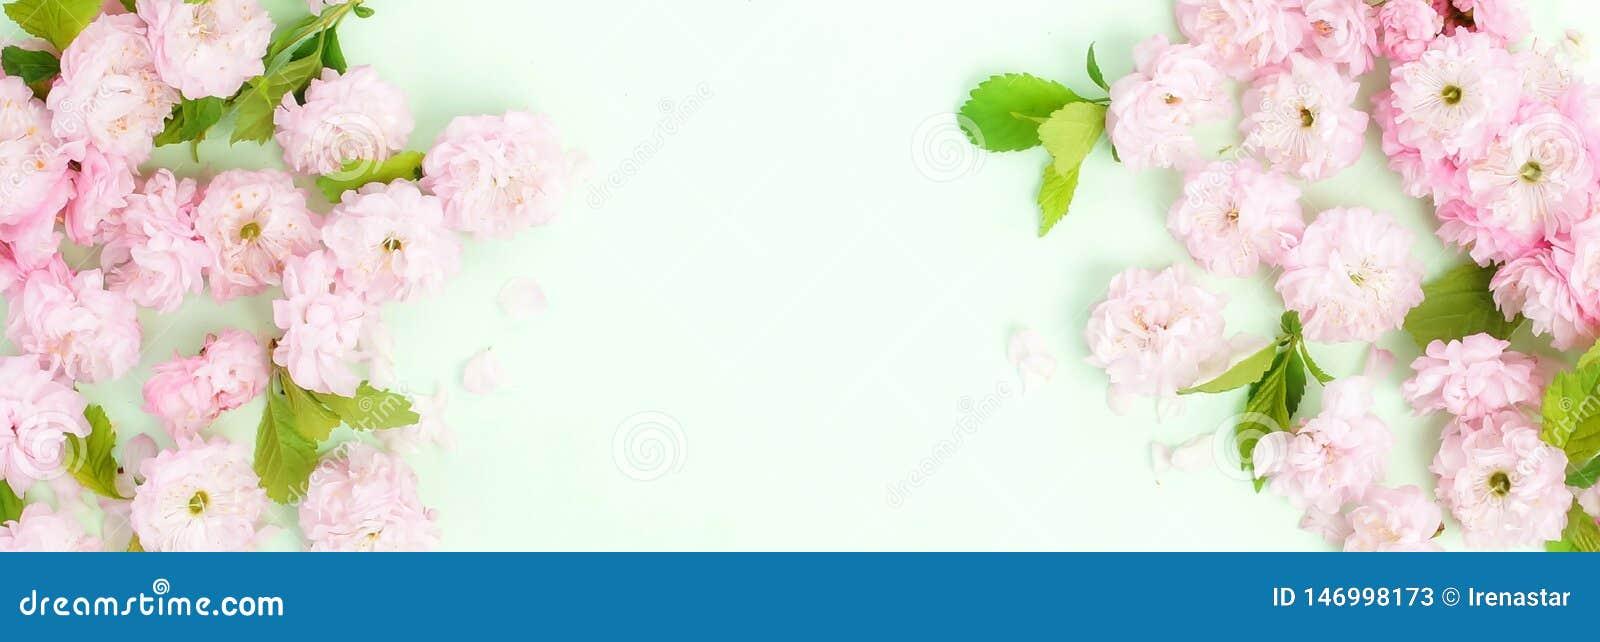 Kwitnie sk?adu t?o pi?kny r??owy Sakura kwitnie na mlecznozielonym tle